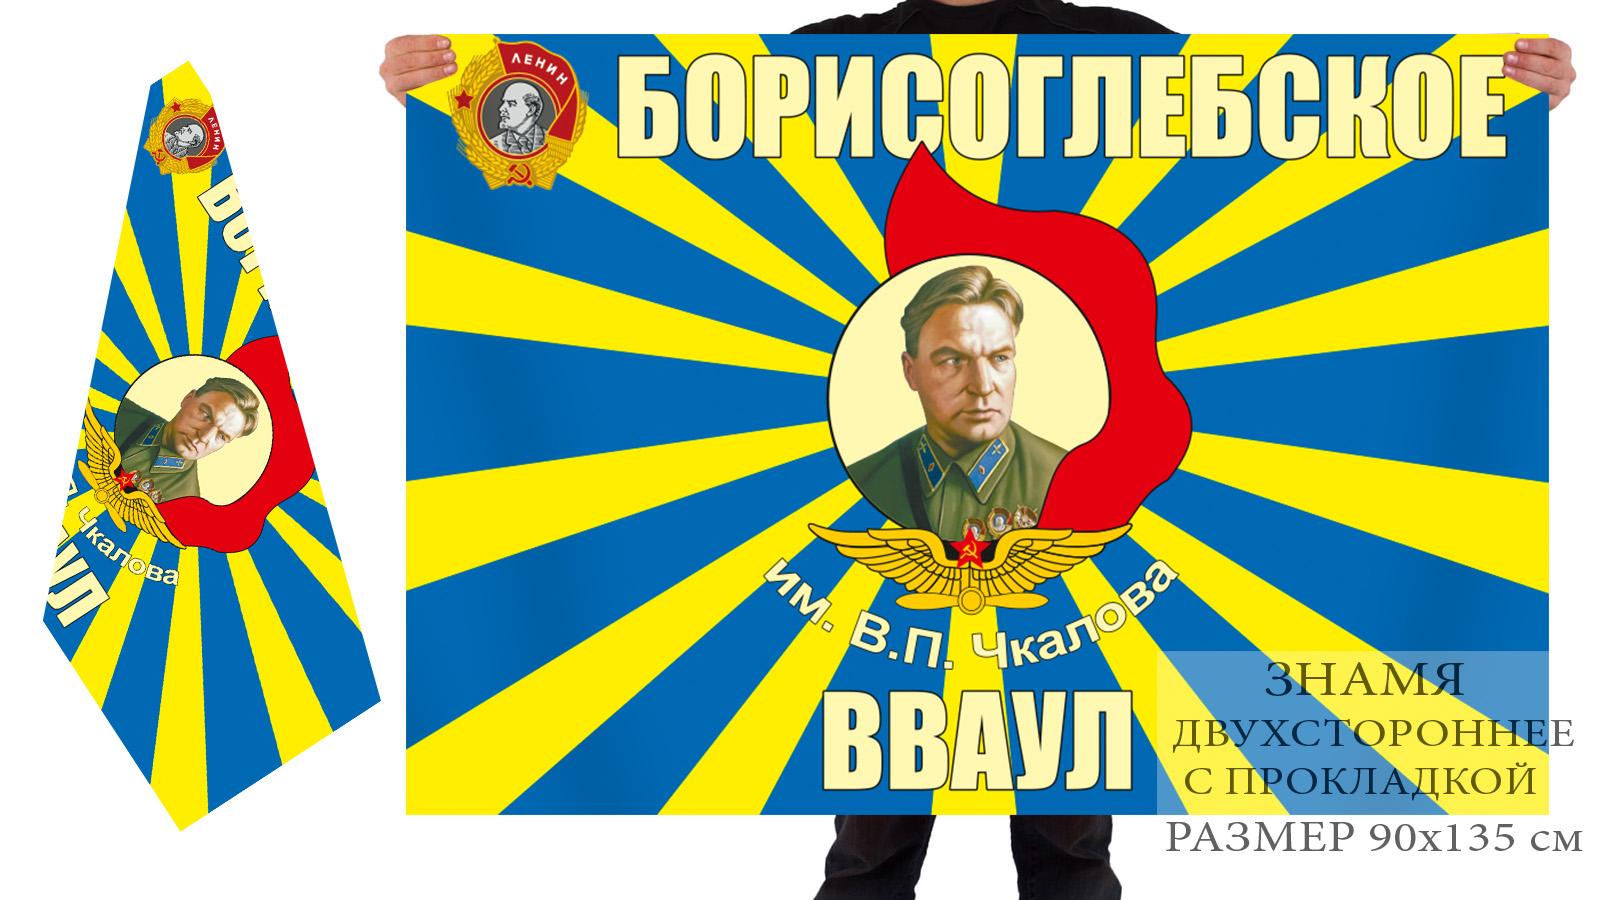 Двусторонний флаг Борисоглебского ВВАУЛ имени В.П. Чкалова